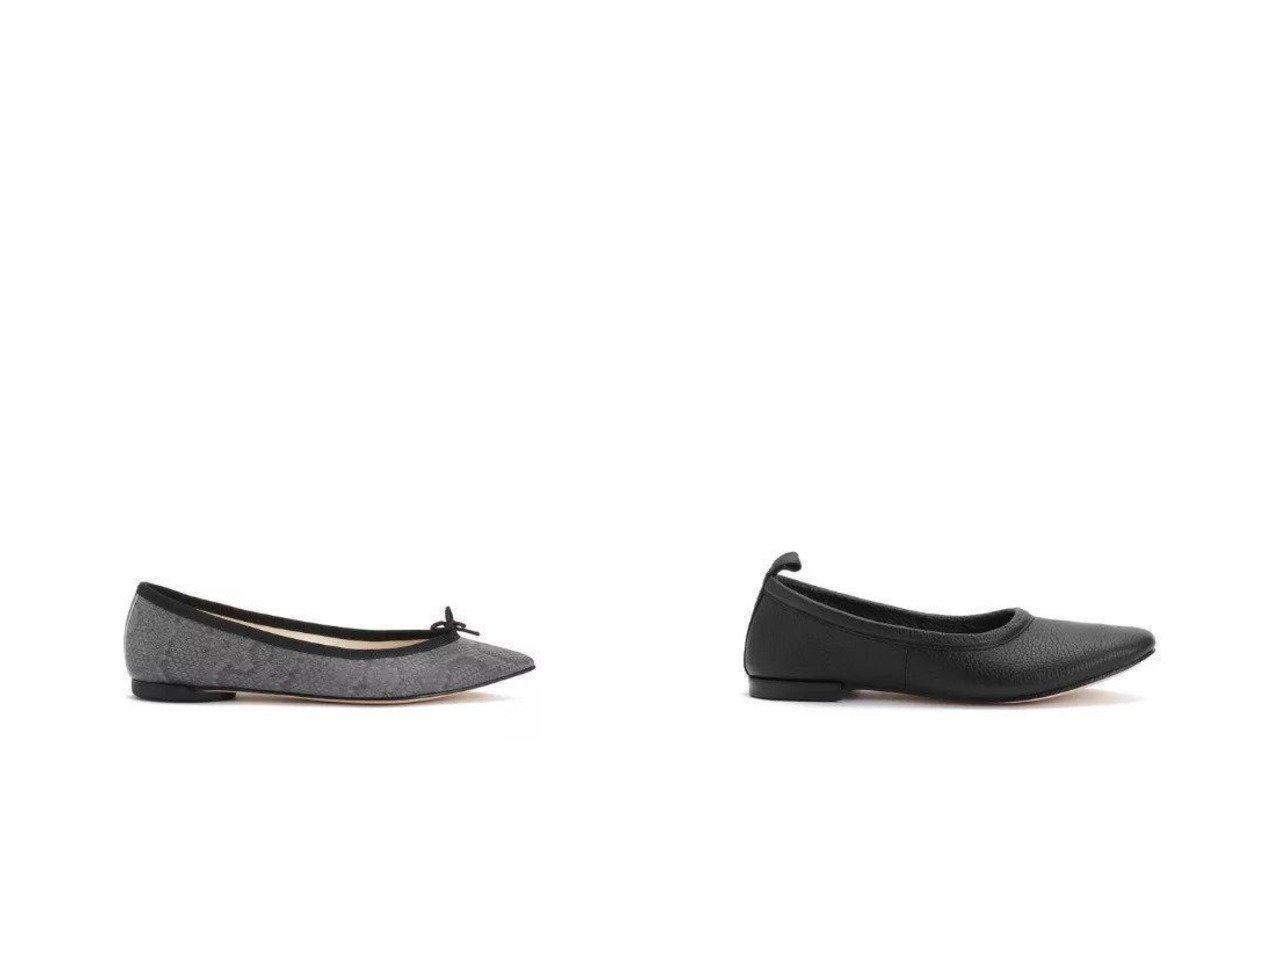 【repetto/レペット】のBrigitte Ballerinas&Romeo 【シューズ・靴】おすすめ!人気、トレンド・レディースファッションの通販 おすすめで人気の流行・トレンド、ファッションの通販商品 メンズファッション・キッズファッション・インテリア・家具・レディースファッション・服の通販 founy(ファニー) https://founy.com/ ファッション Fashion レディースファッション WOMEN エレガント シューズ バレエ パイソン フラット モダン シンプル ループ ワンポイント  ID:crp329100000030405